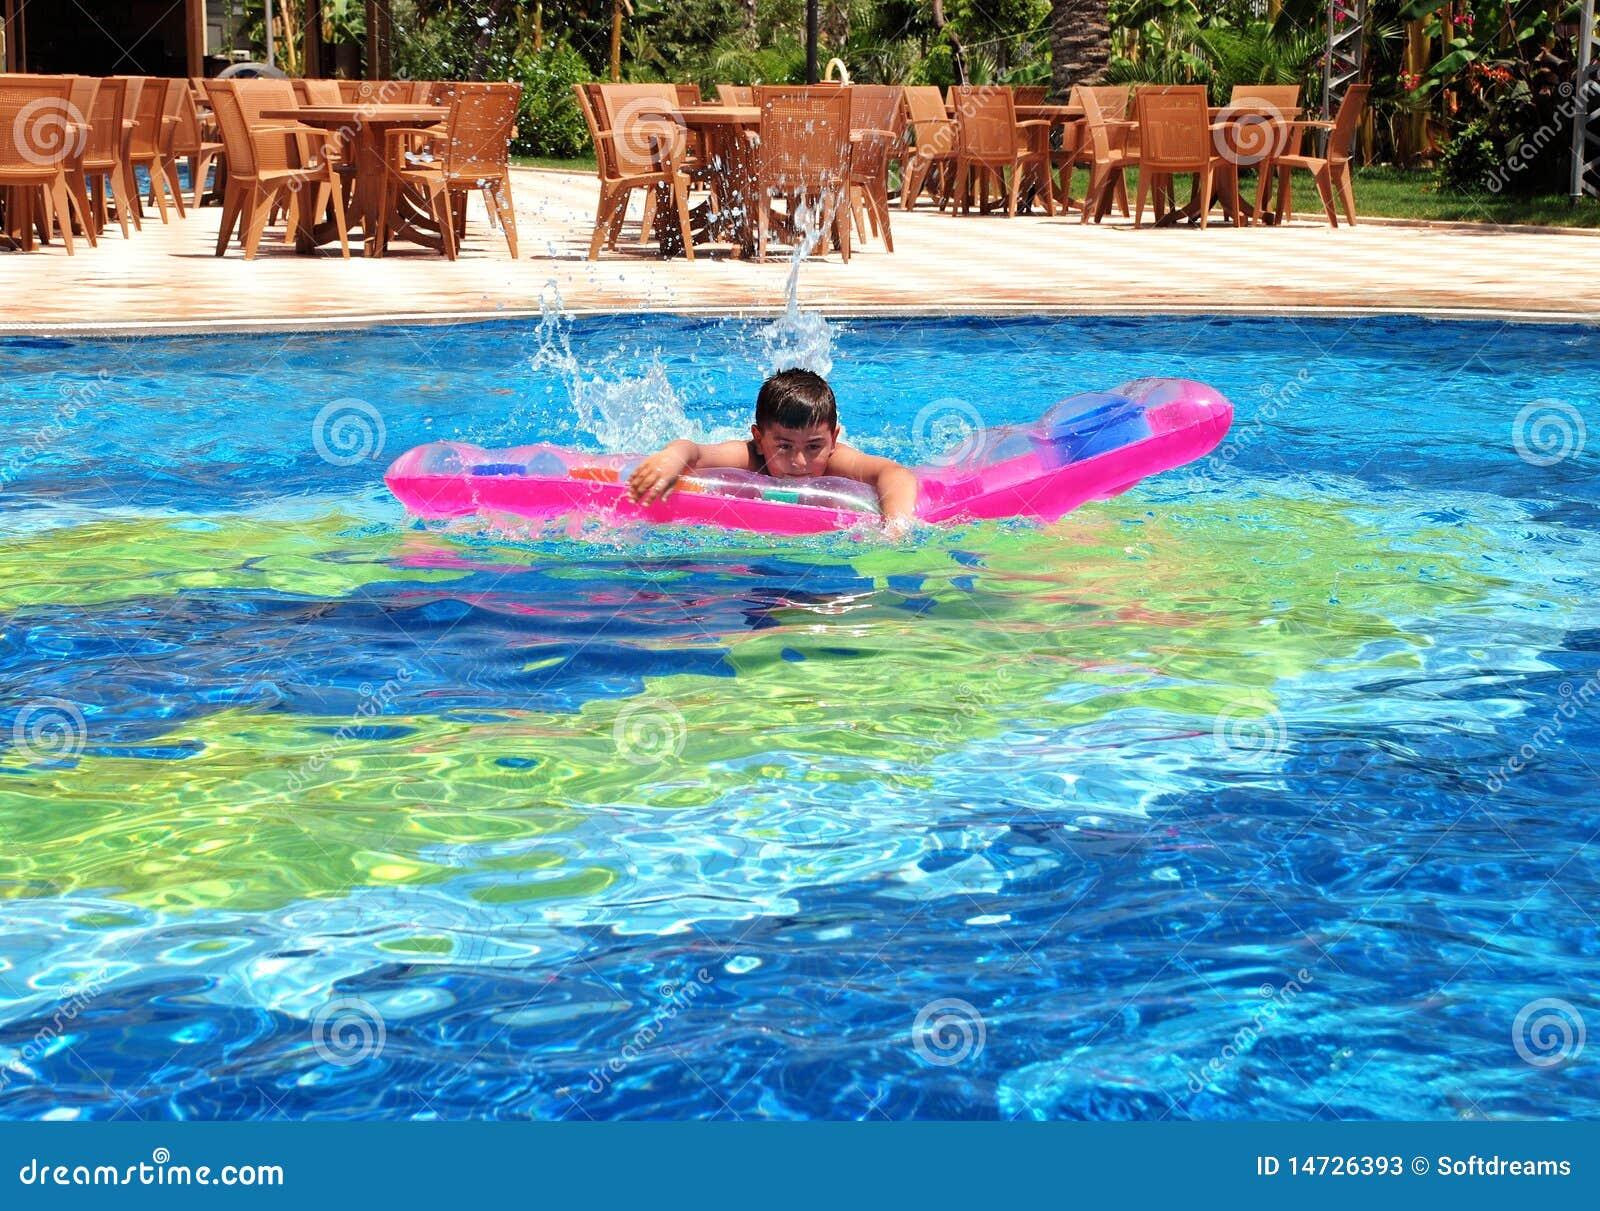 Muchacho en nadar en la piscina fotos de archivo imagen for Fotos follando en la piscina